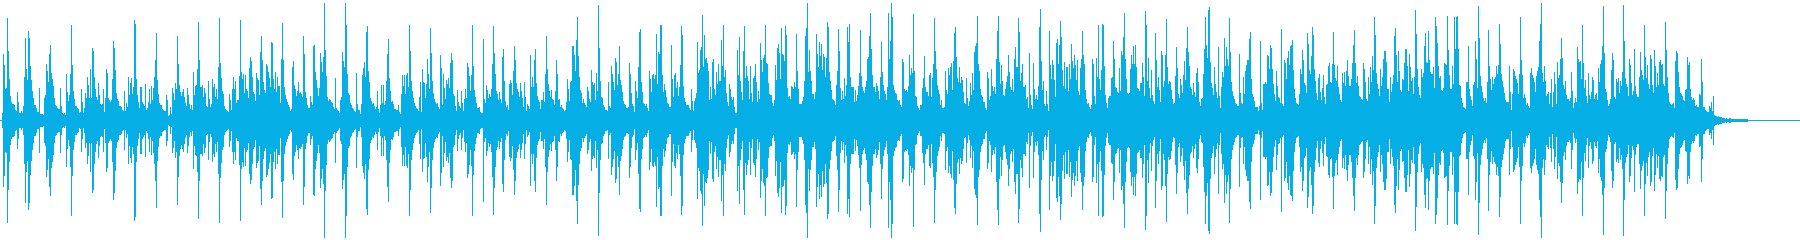 ブルージーな感じのゆっくりと優しい...の再生済みの波形